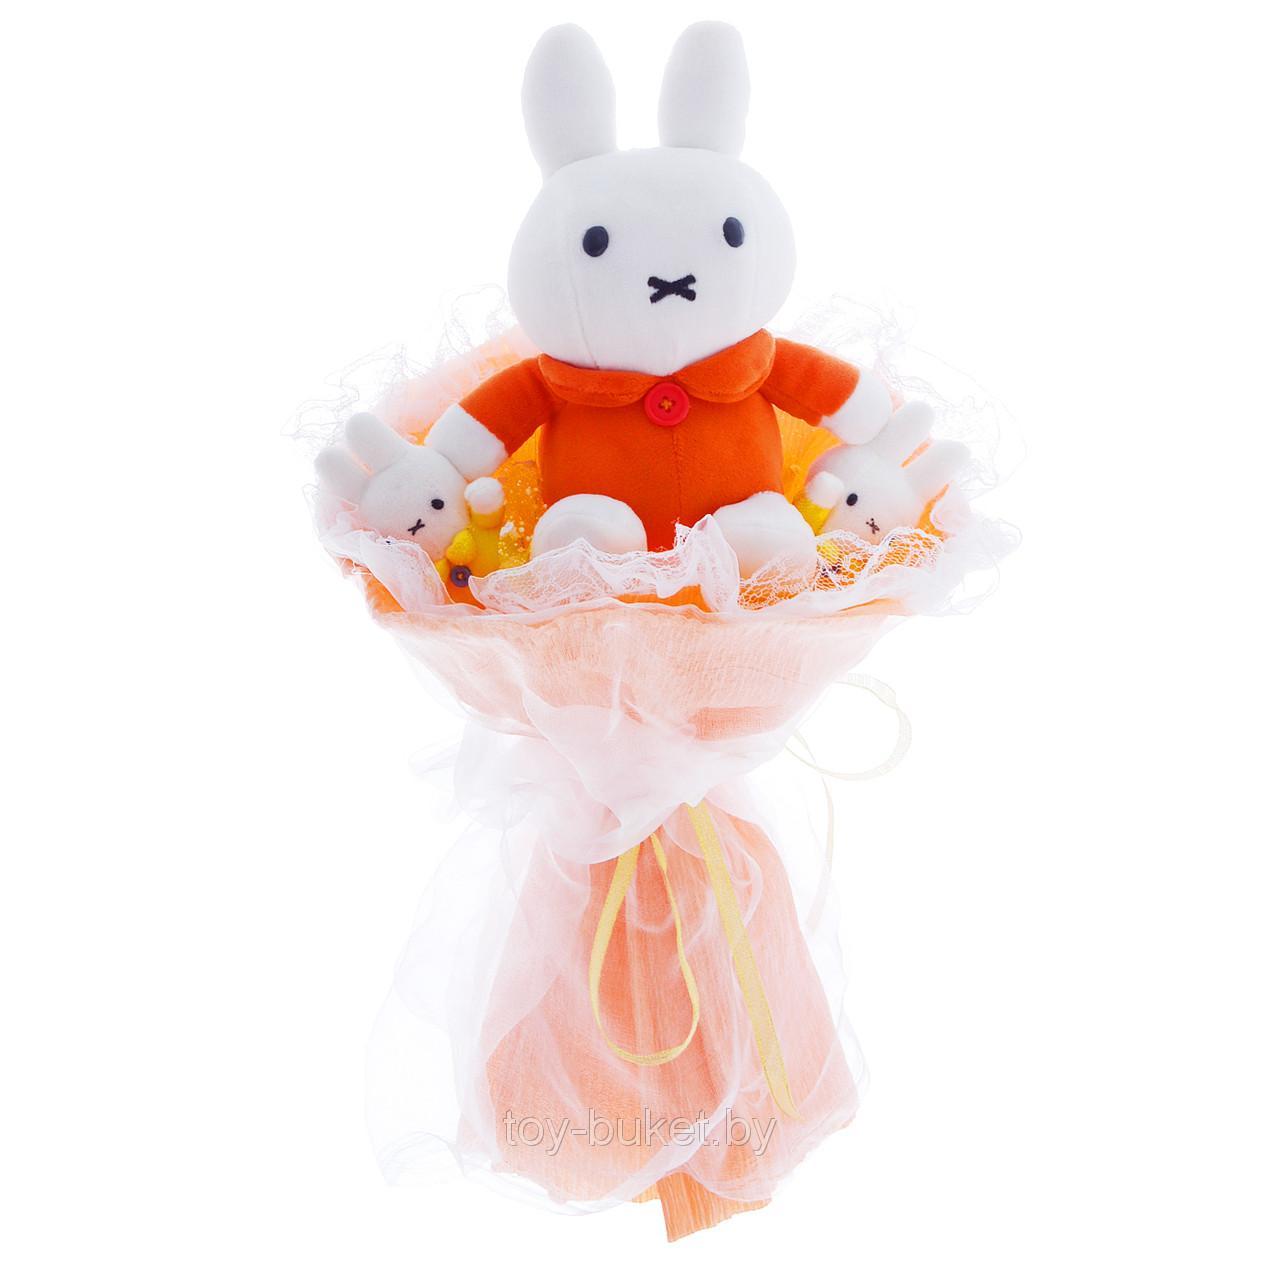 Букеты из мягких игрушек всего от 21,50 руб.